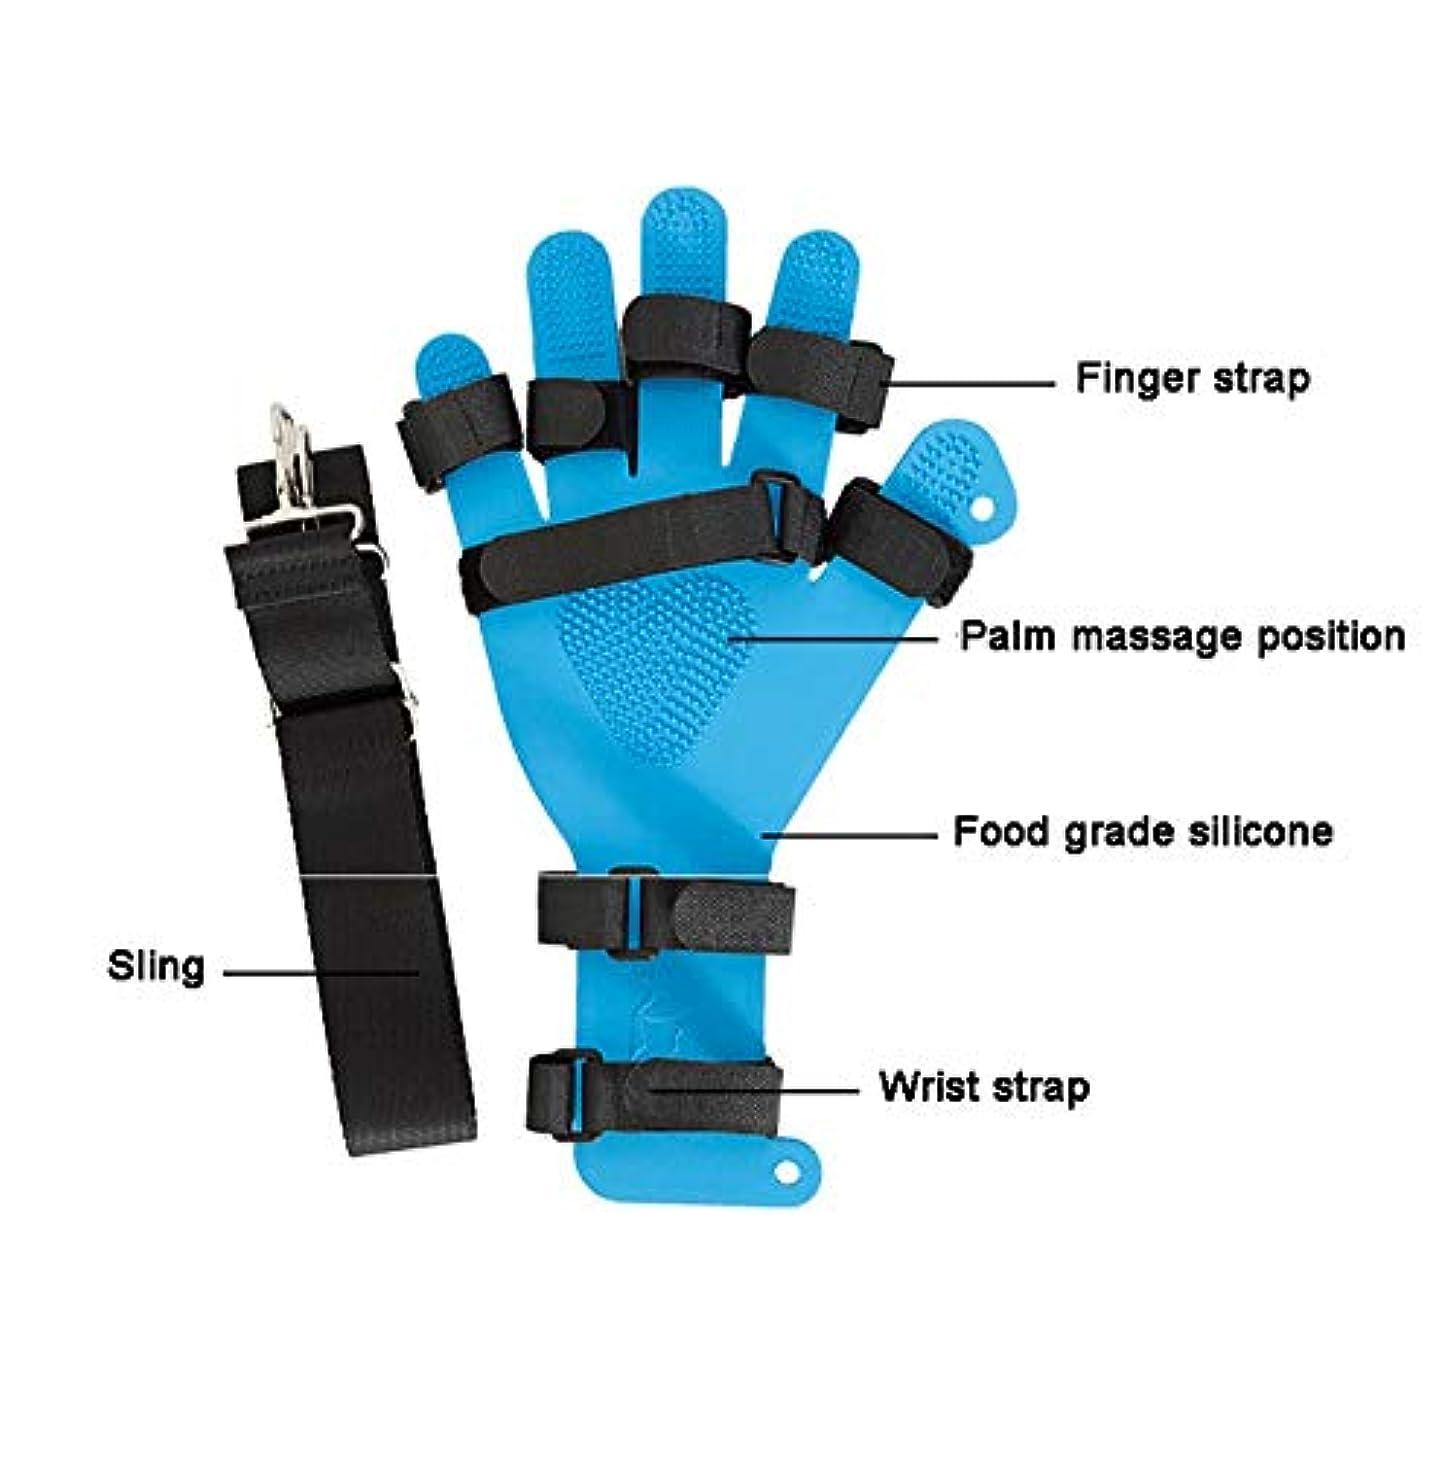 銛どこか歌手かかわらず、右手と左手ブルー - ブレースポイントの手の手首のトレーニング装具デバイス - リハビリテーションインソールフィンガースプリント指指セパレーターインソールを指